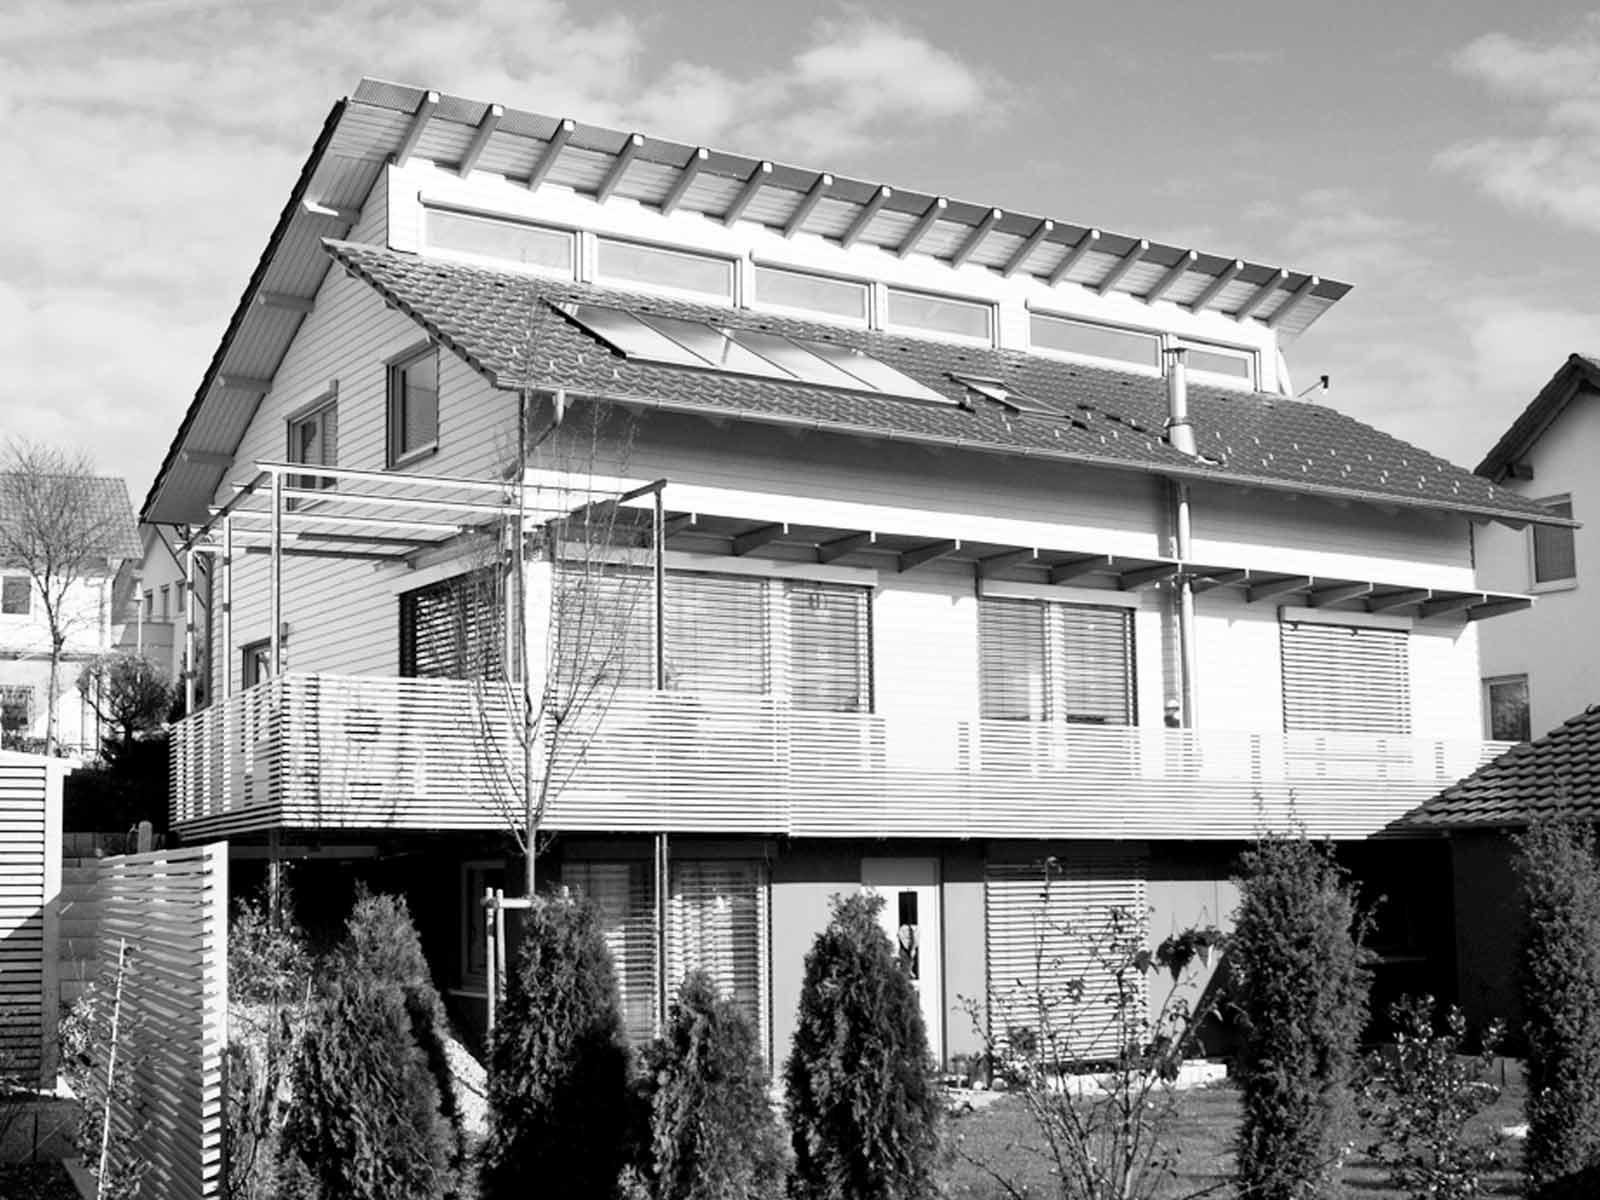 Hausbau Kosten Statiker | Was Kostet Ein Architekt Was Kostet Ein ...